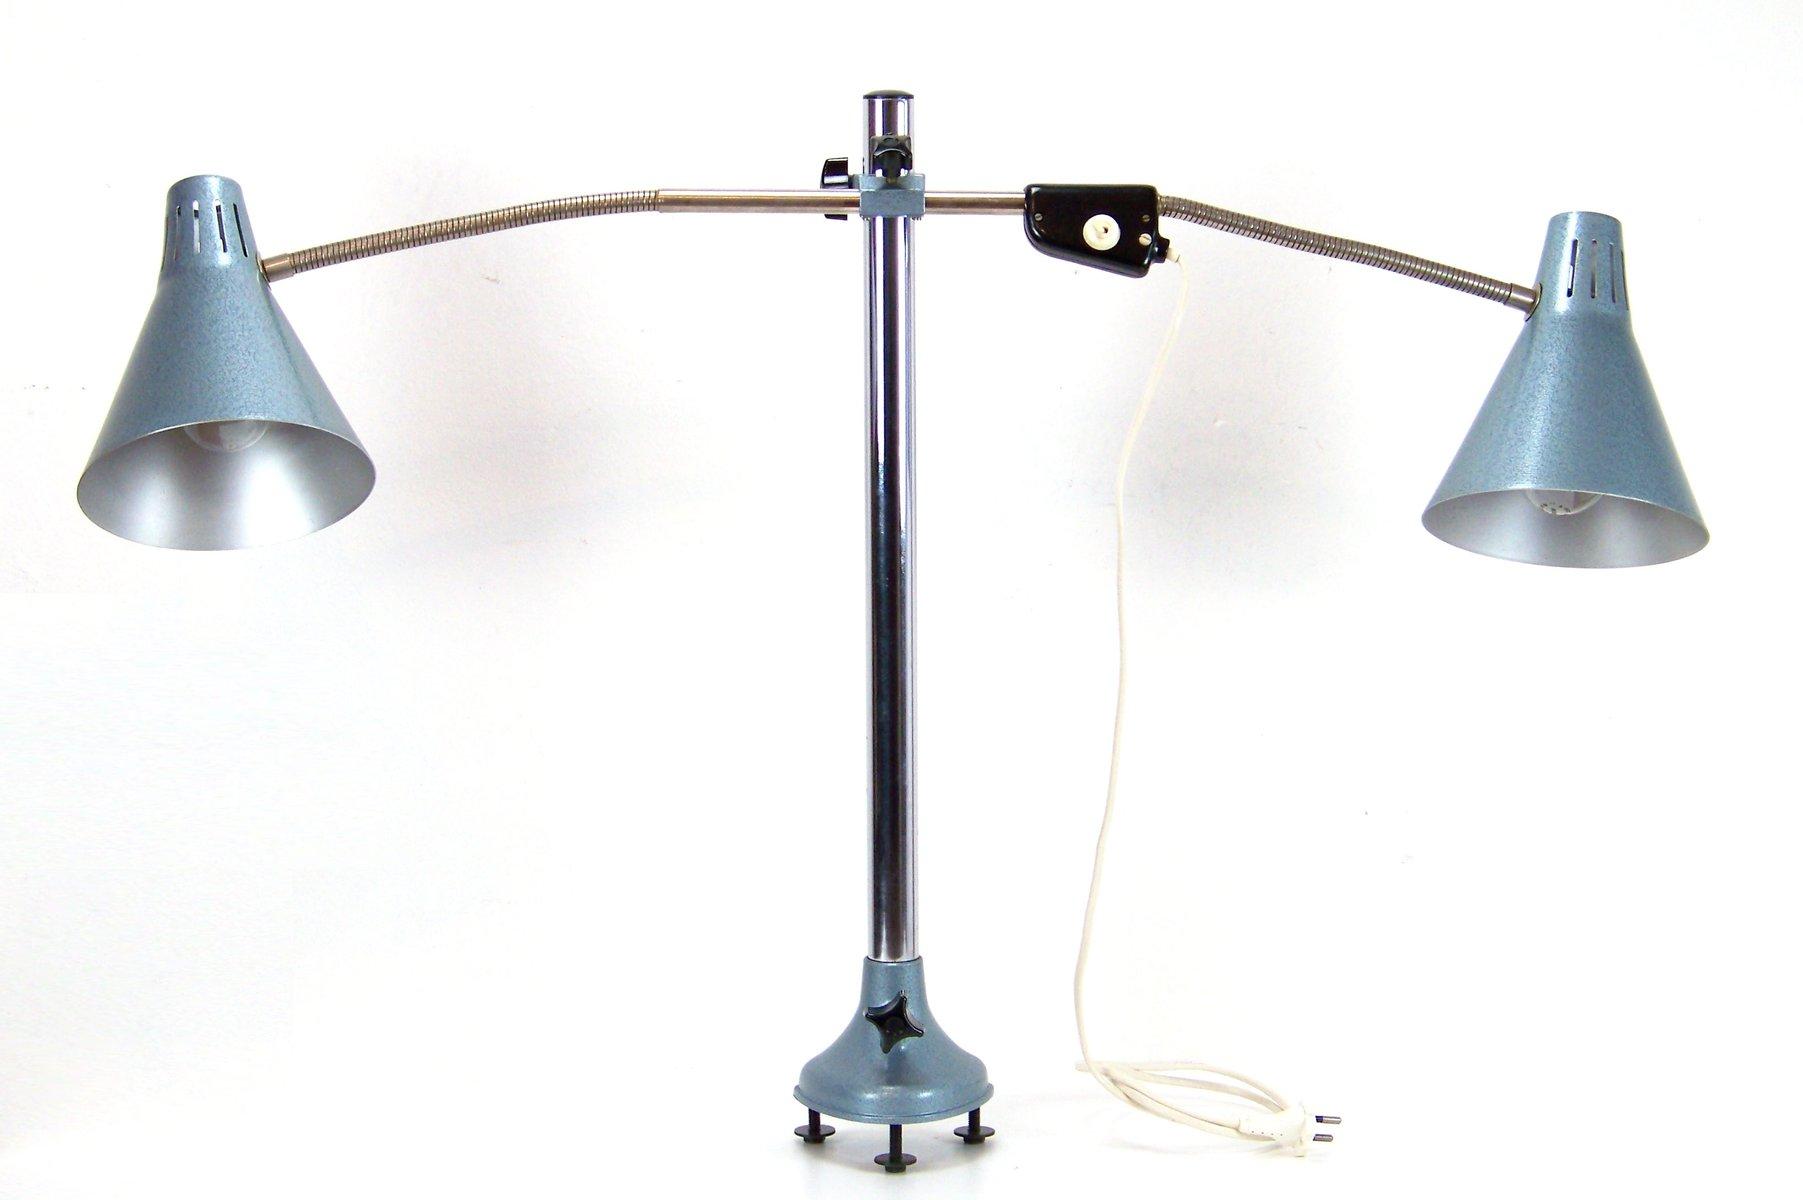 Tschechoslowakische Schreibtischlampe für Doppelpult, 1970er